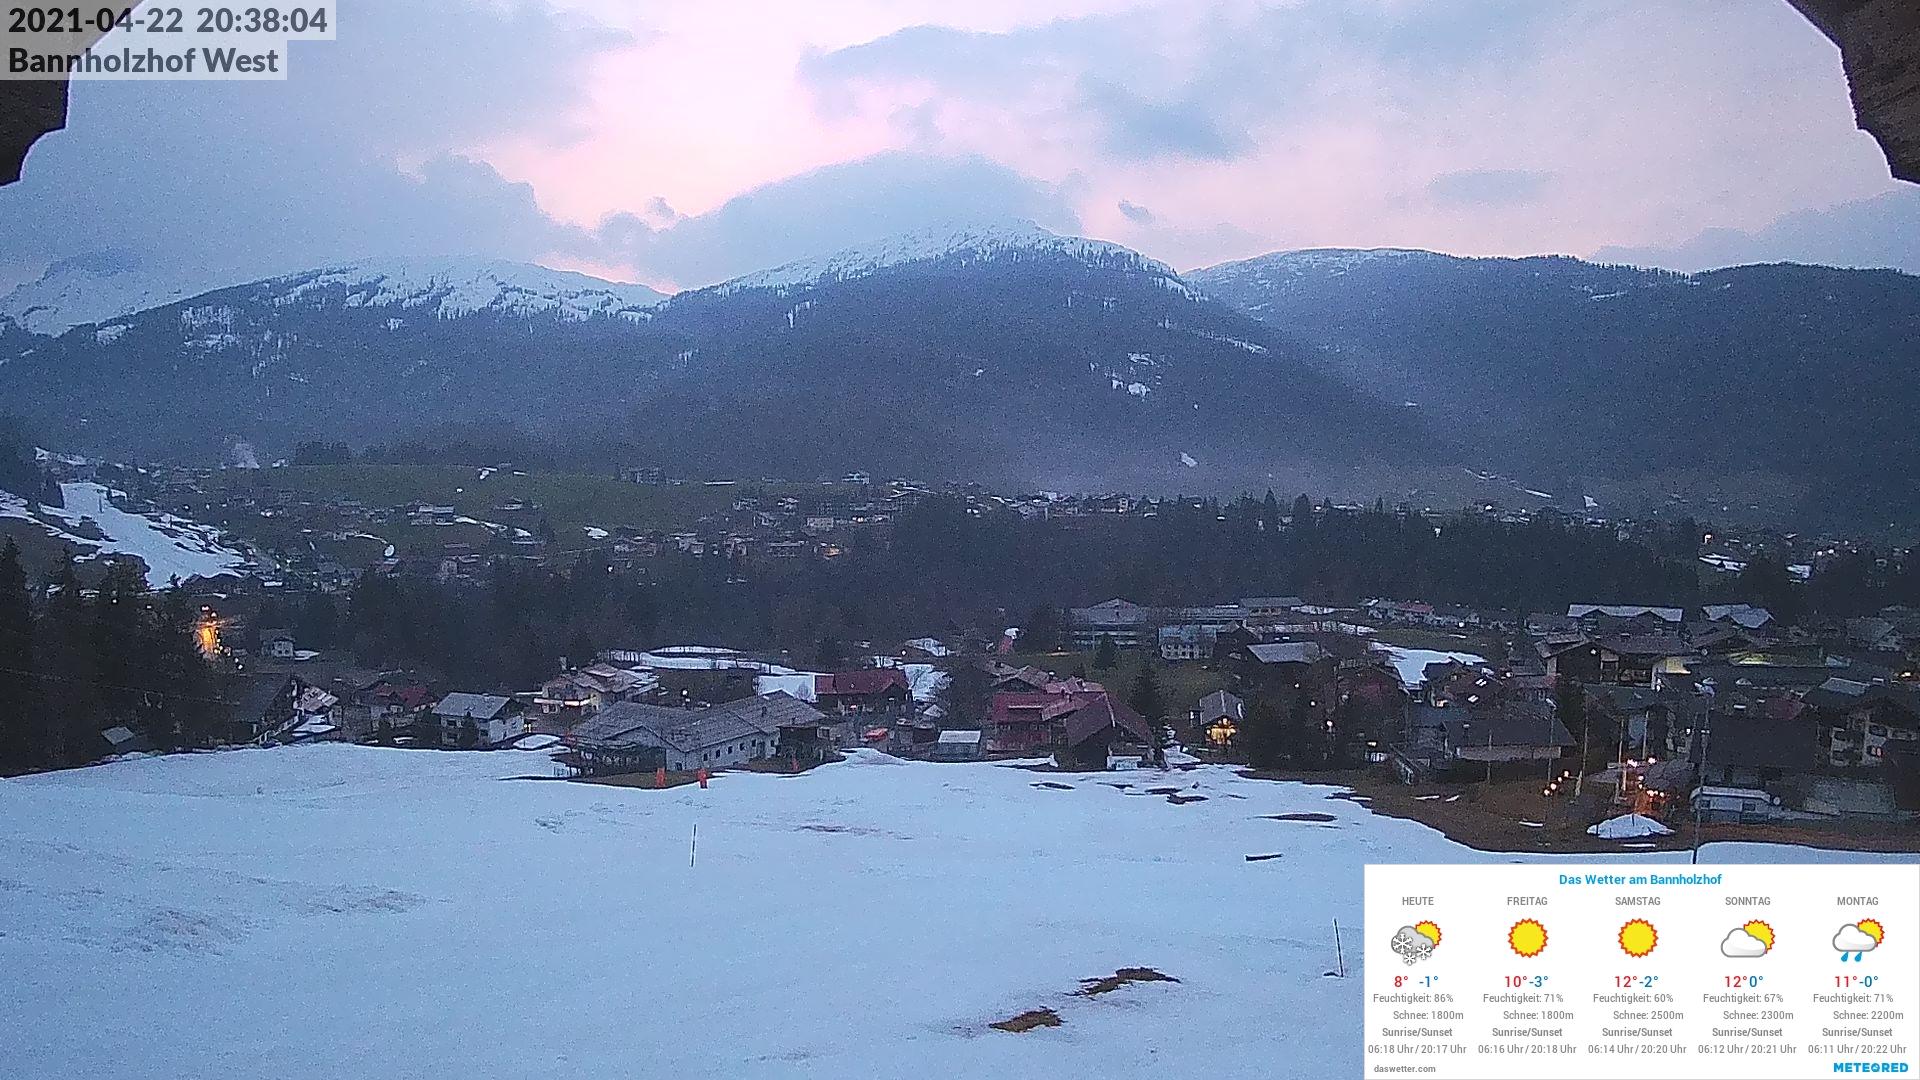 Aktuelles Webcambild vom Bannholzhof mit Wettereinblendung